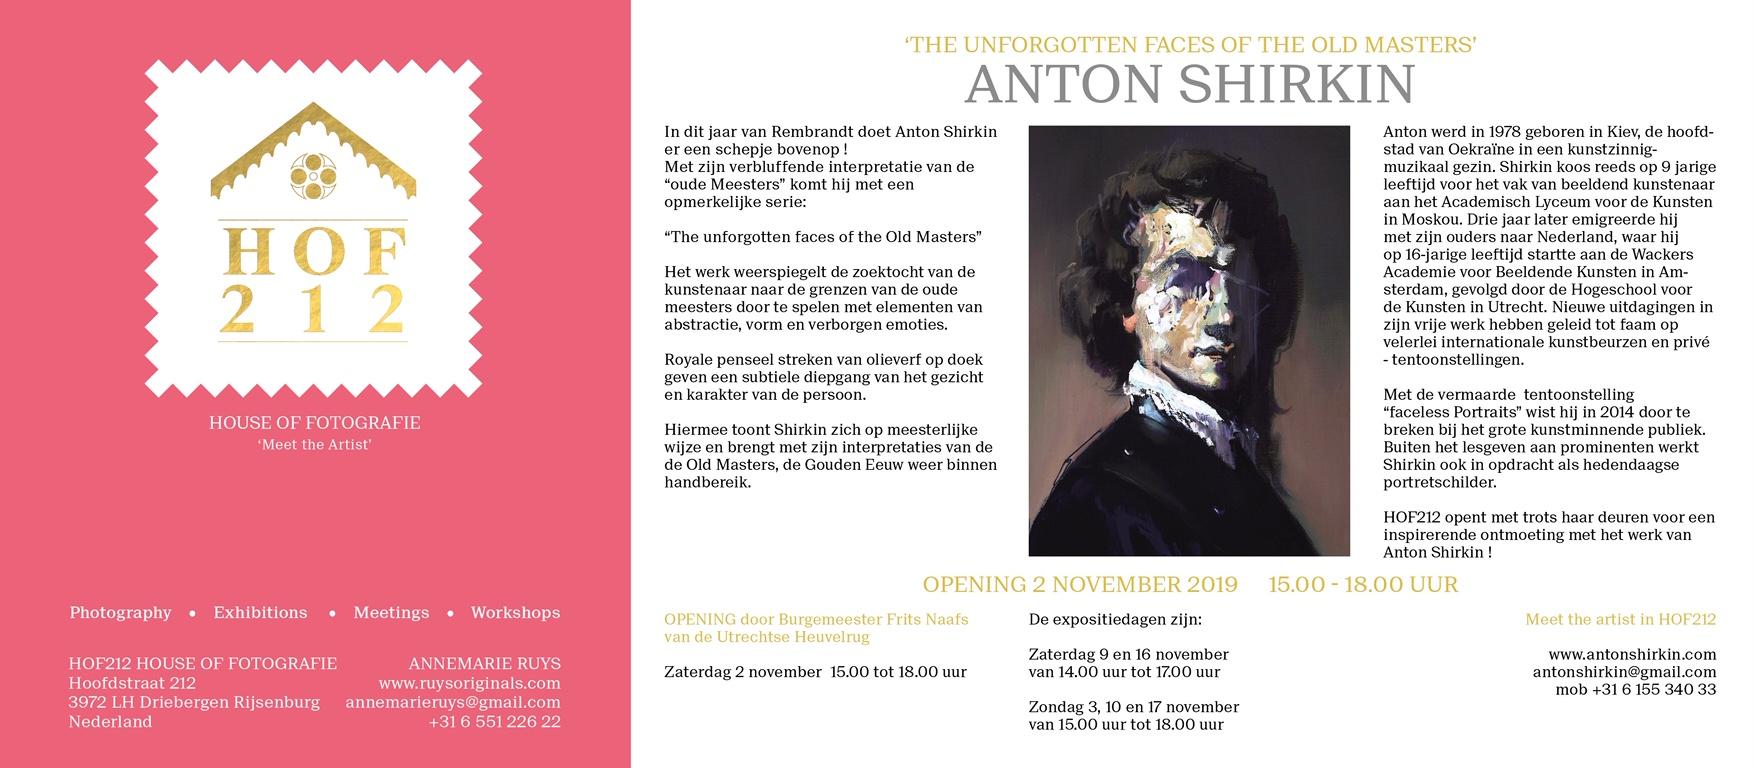 uitnodiging_anton_shirkin